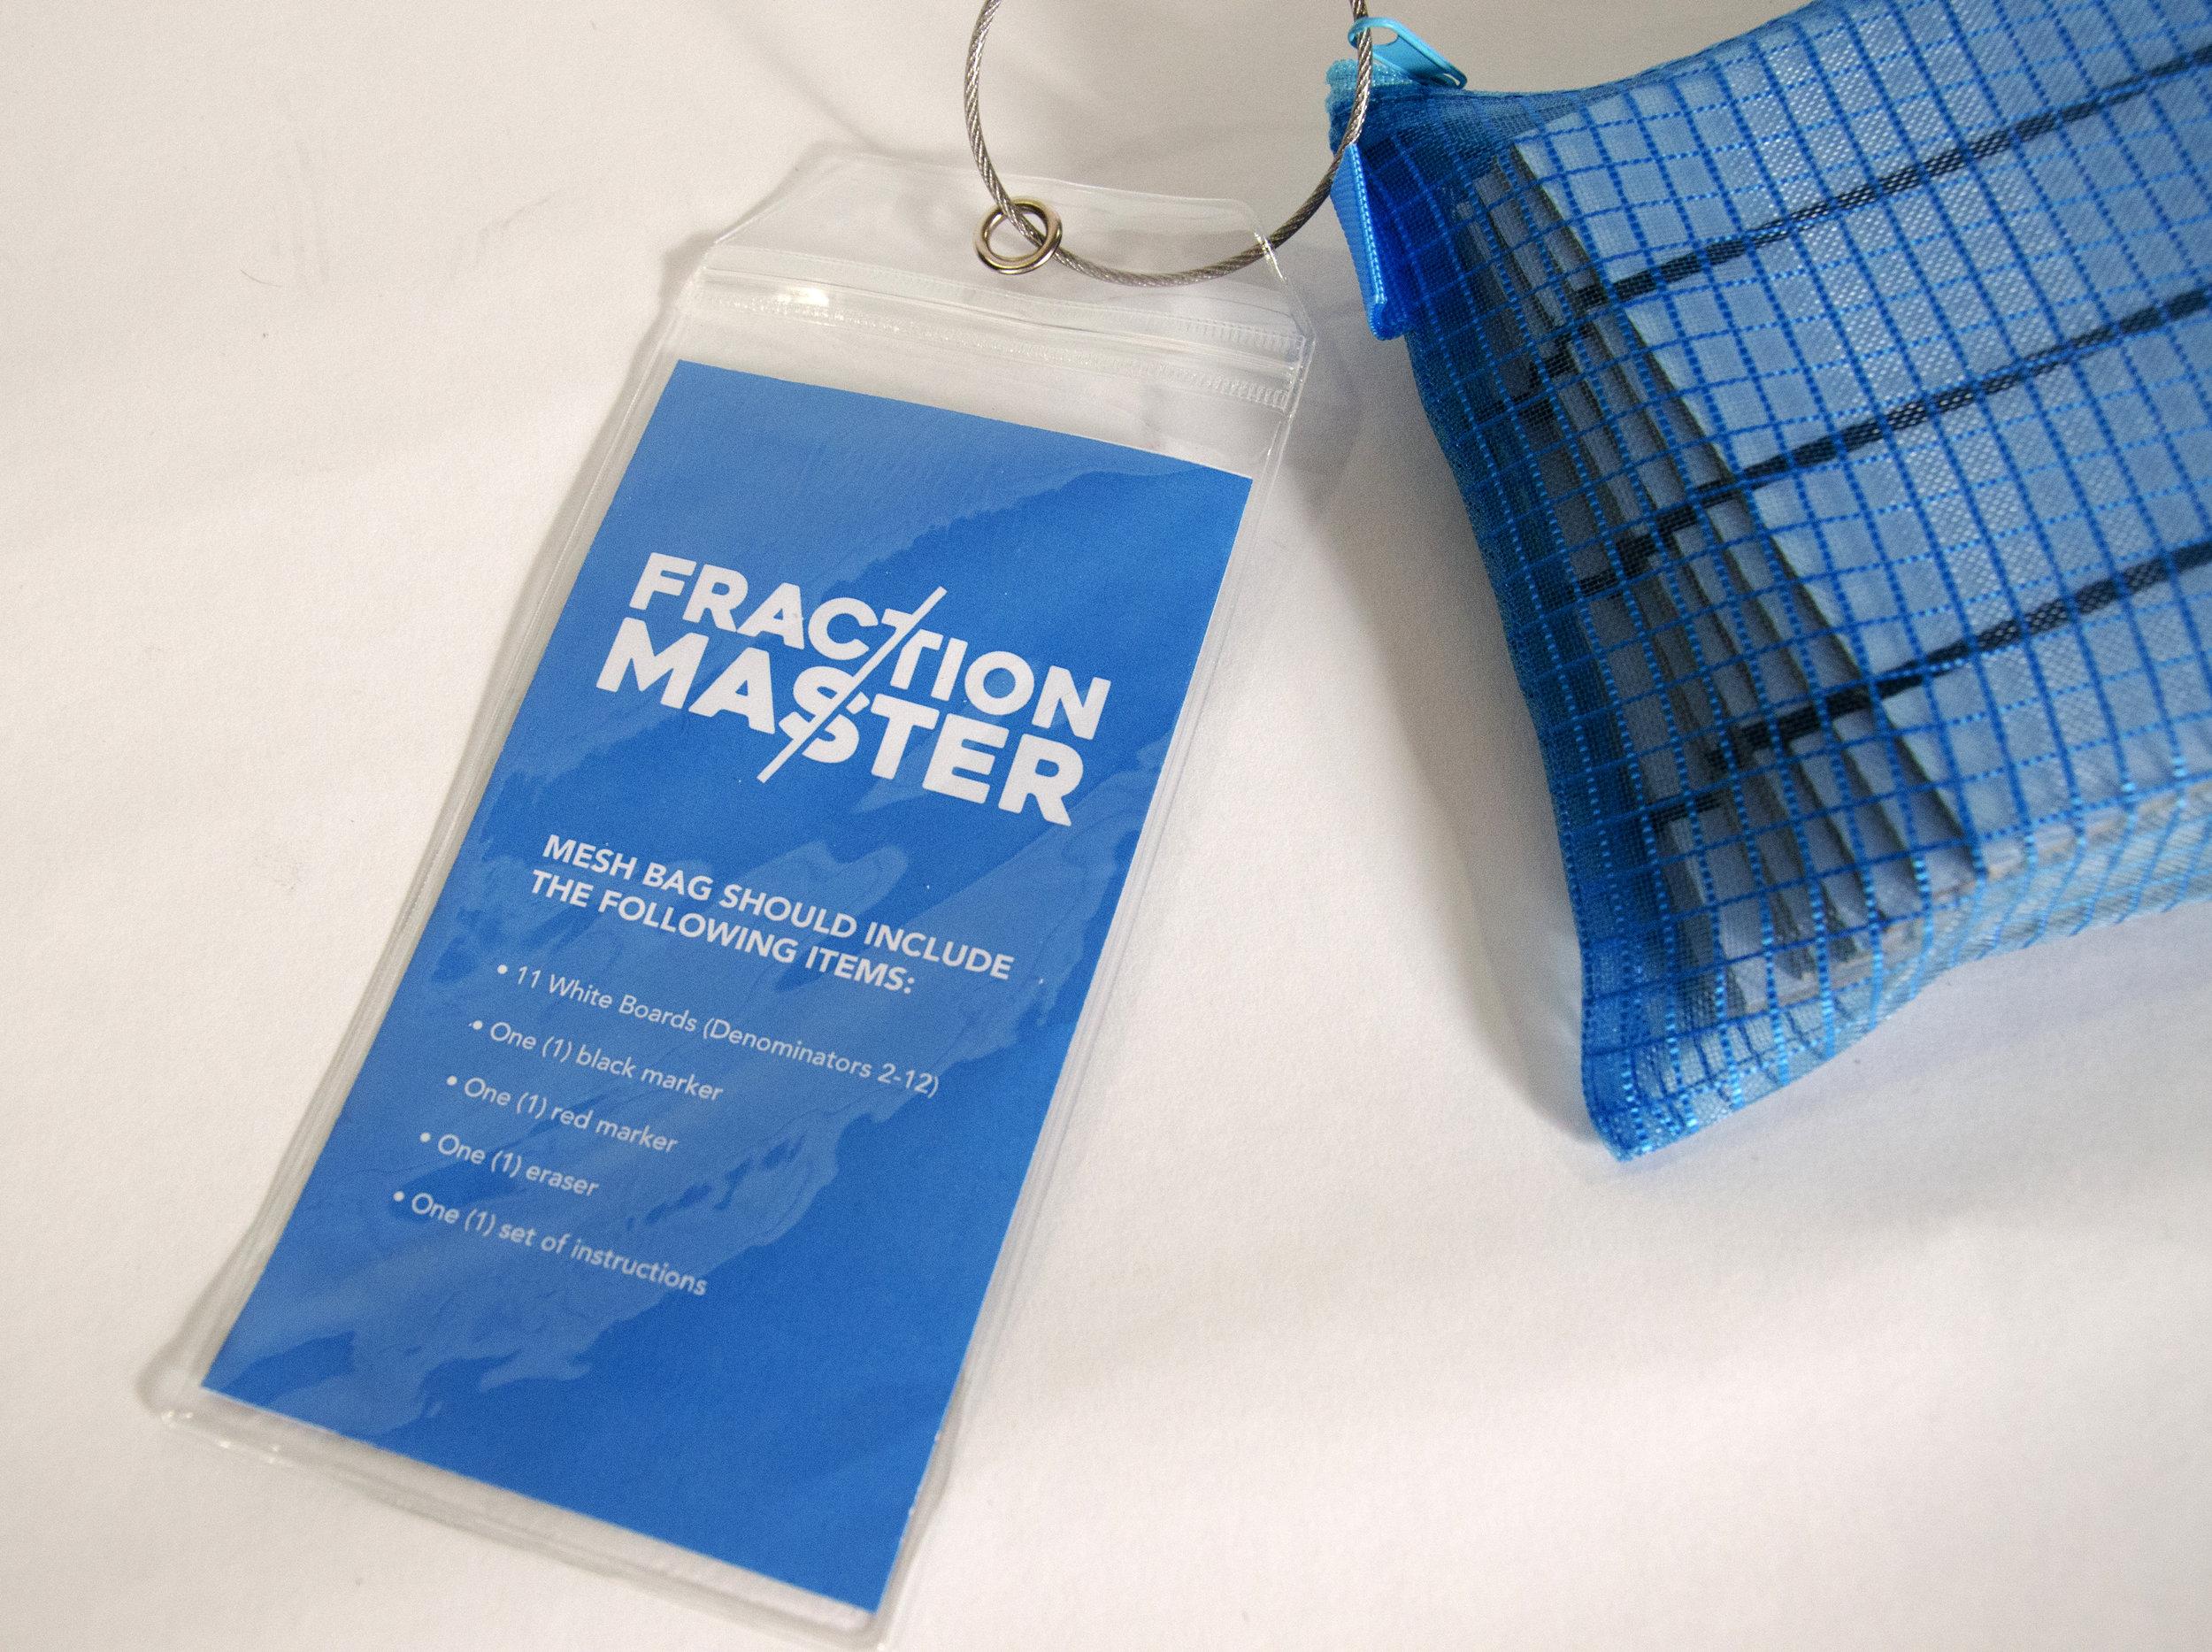 KernW_FractionMaster_3.jpg